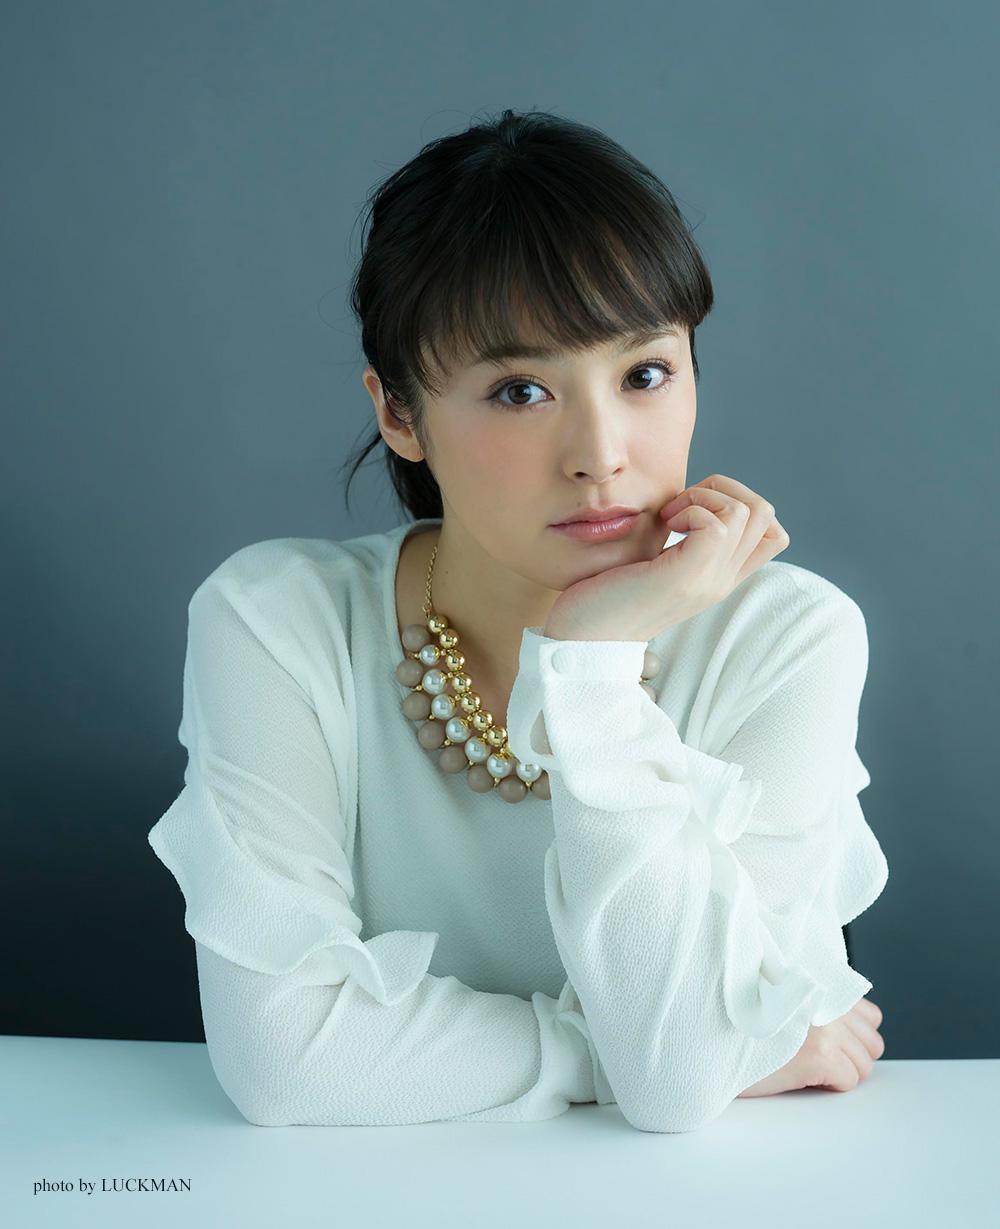 【健気な和風美人】ドラマに安定感を求めるなら女優・貫地谷しほりのサムネイル画像